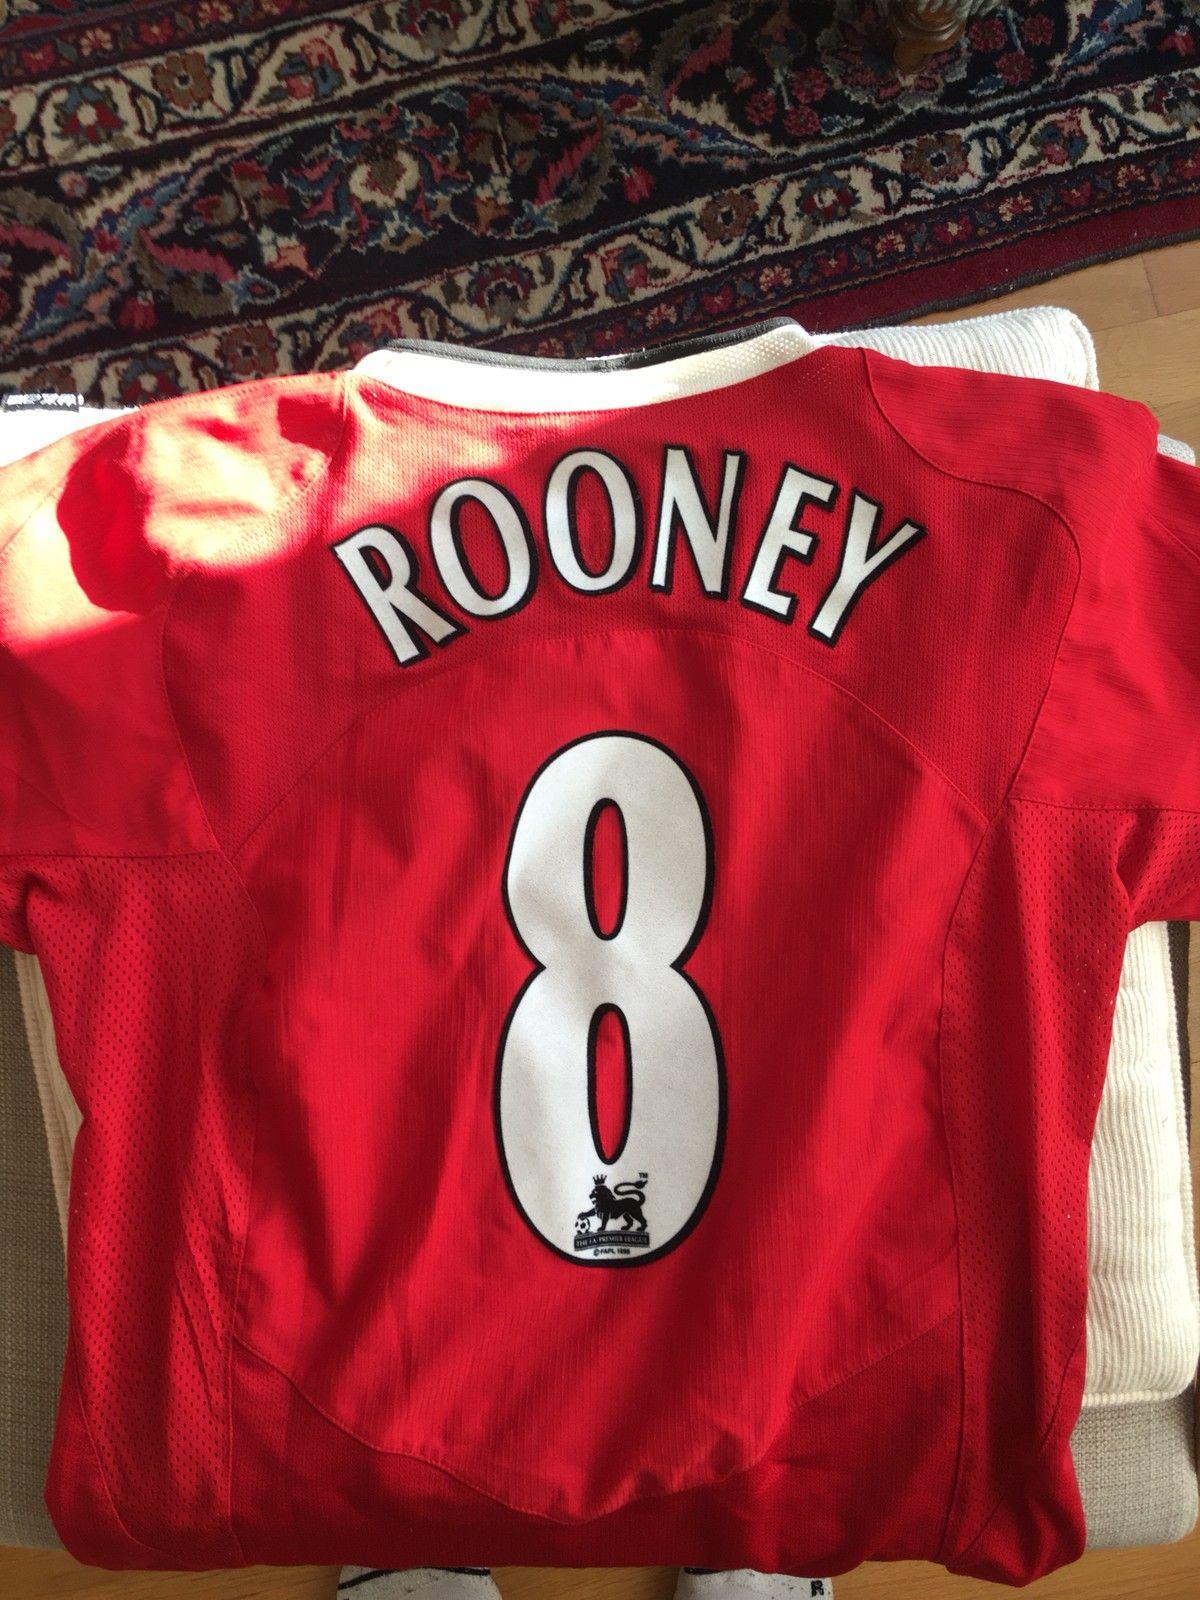 T skjorte barn, Rooney, 2 pakning